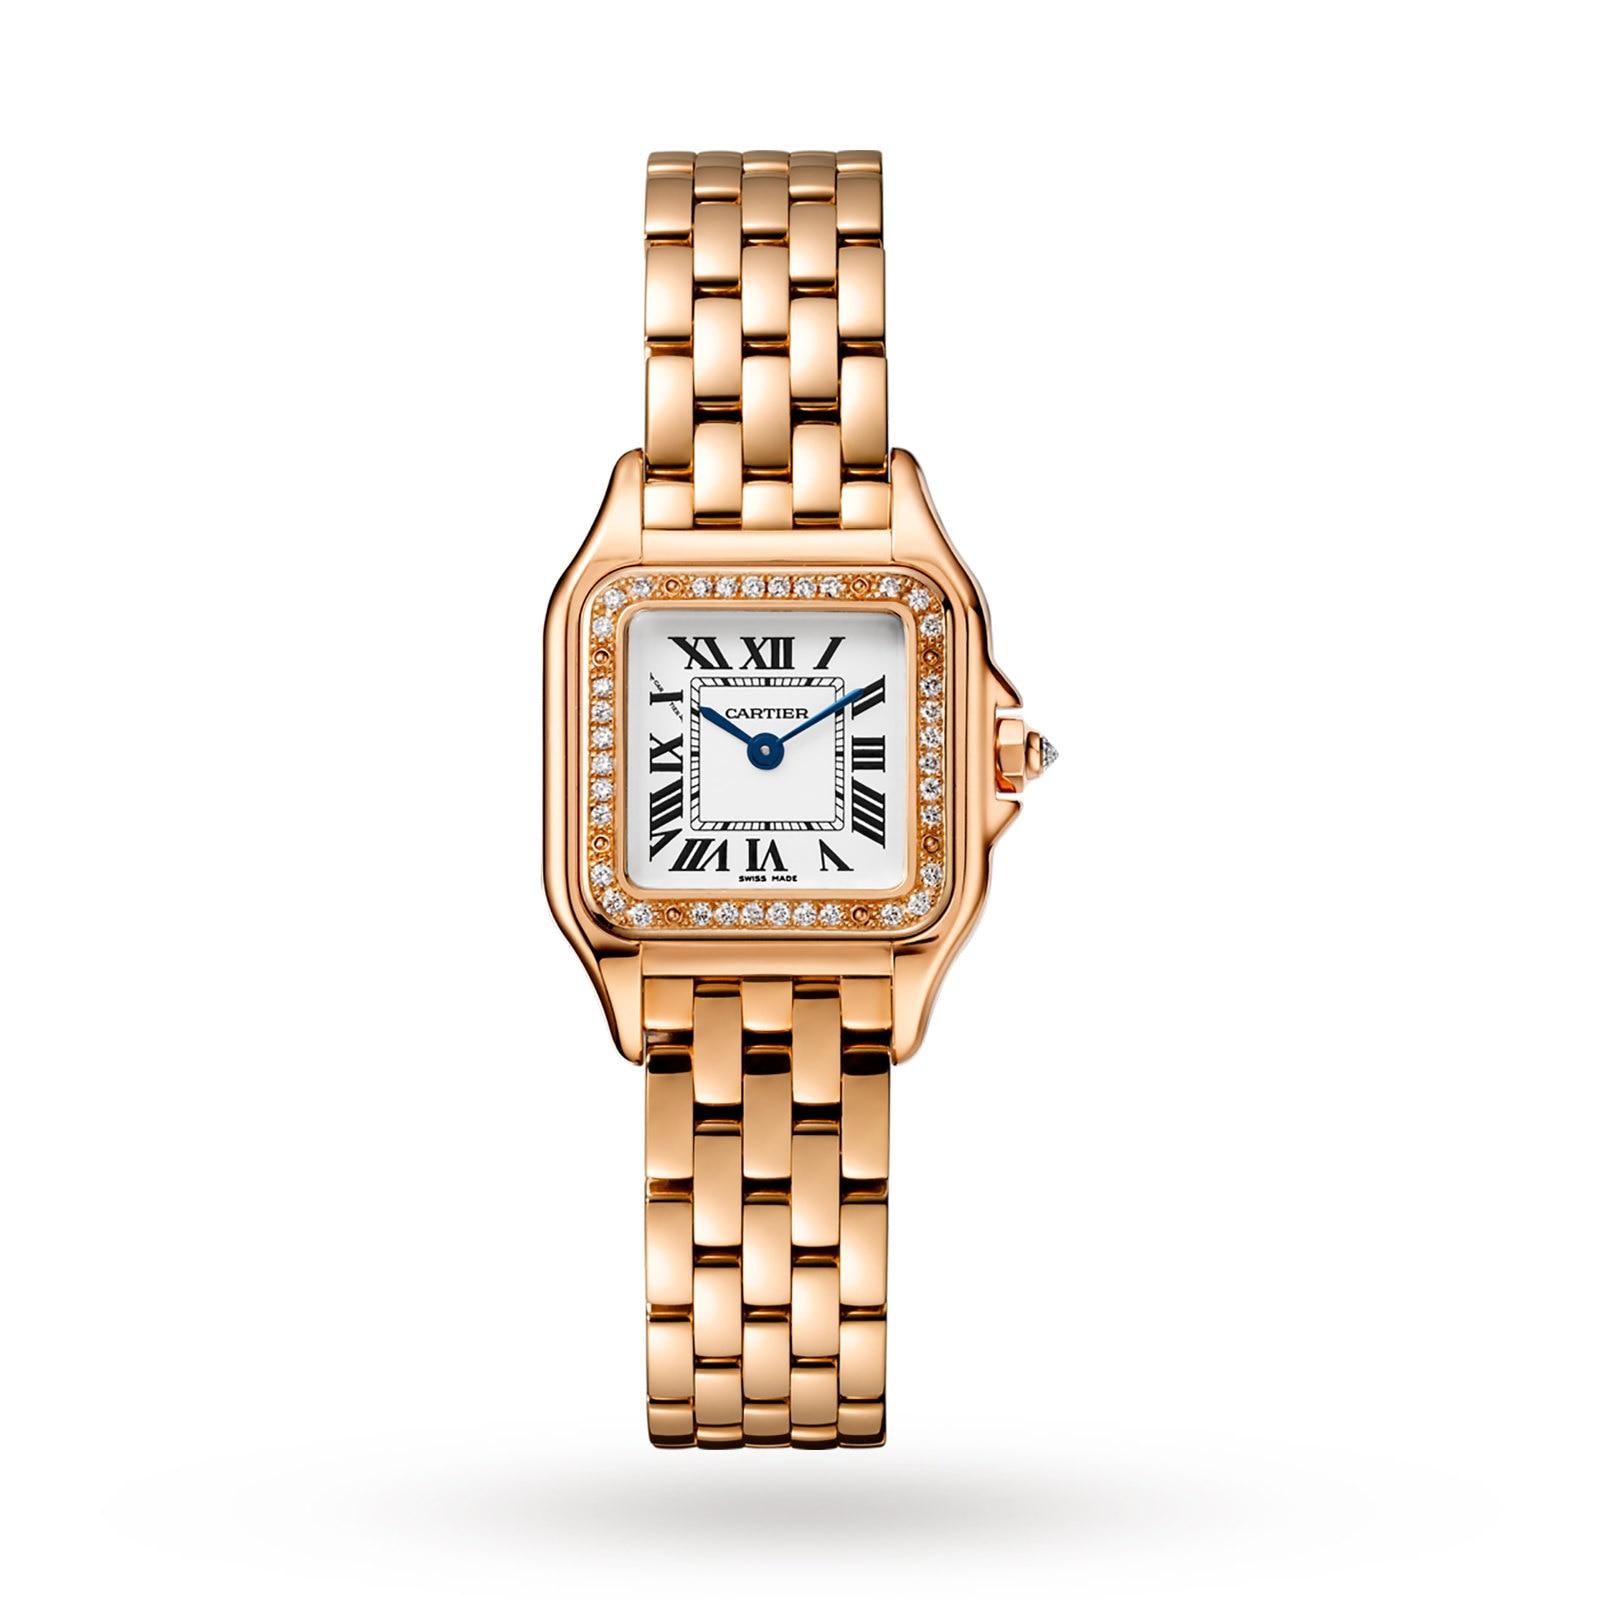 Cartier Panthère de Cartier watch, Small model, rose gold, diamonds